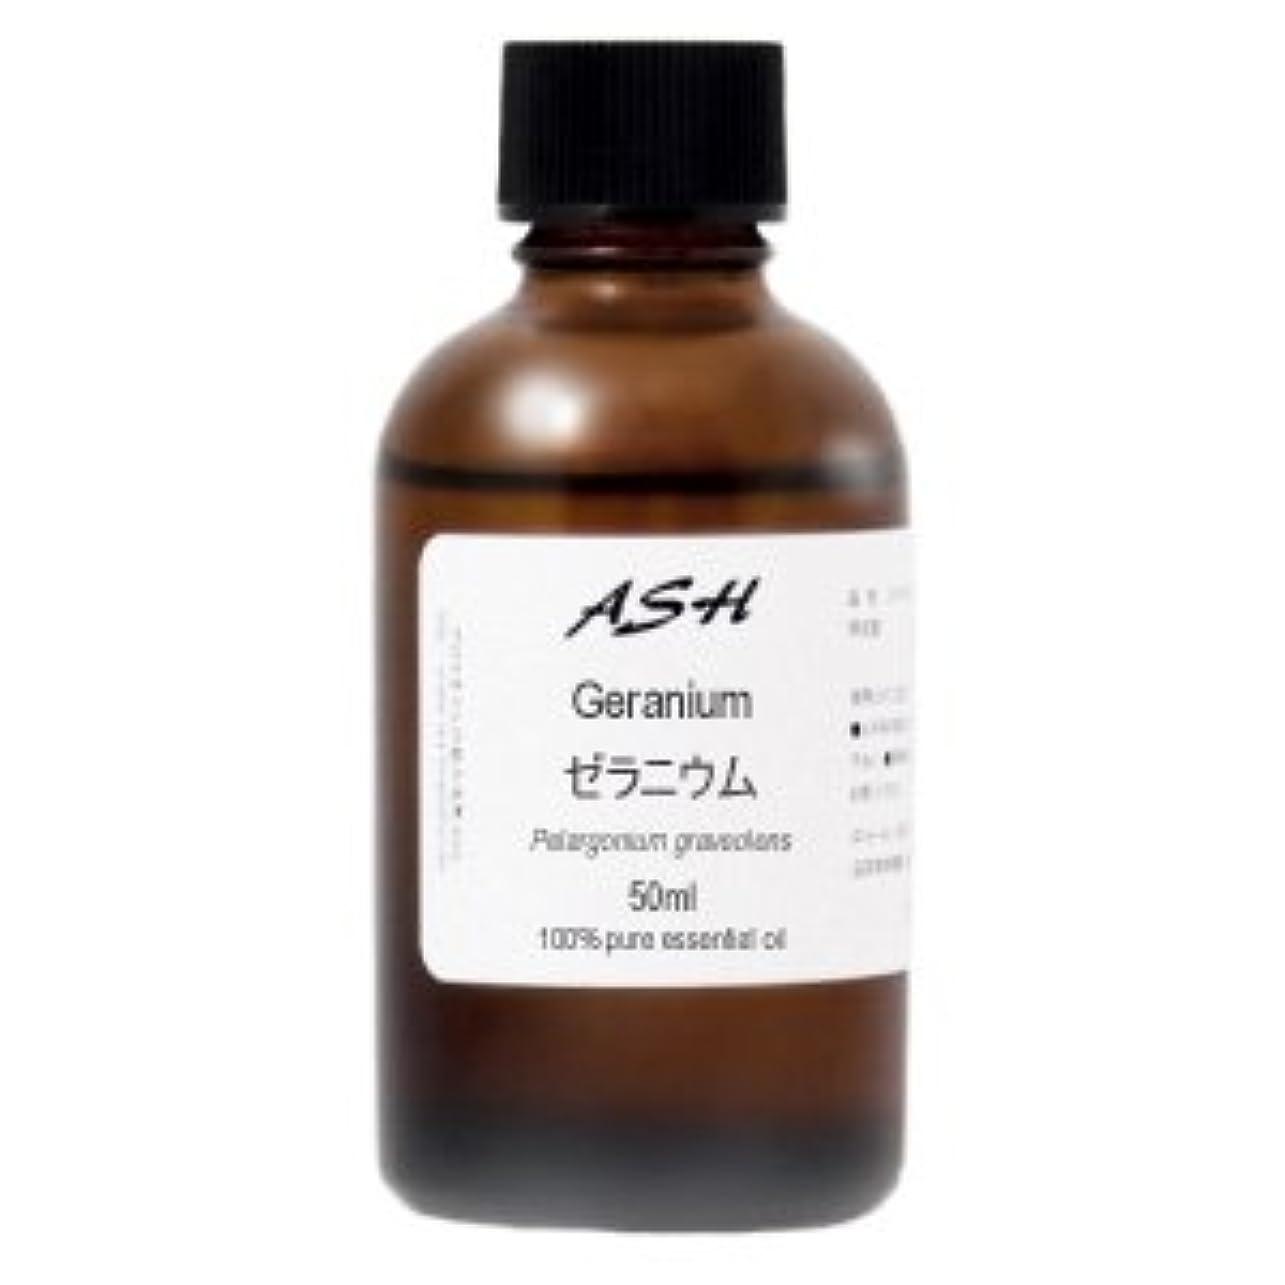 リネン信頼性のあるなめらかASH ゼラニウム エッセンシャルオイル 50ml AEAJ表示基準適合認定精油